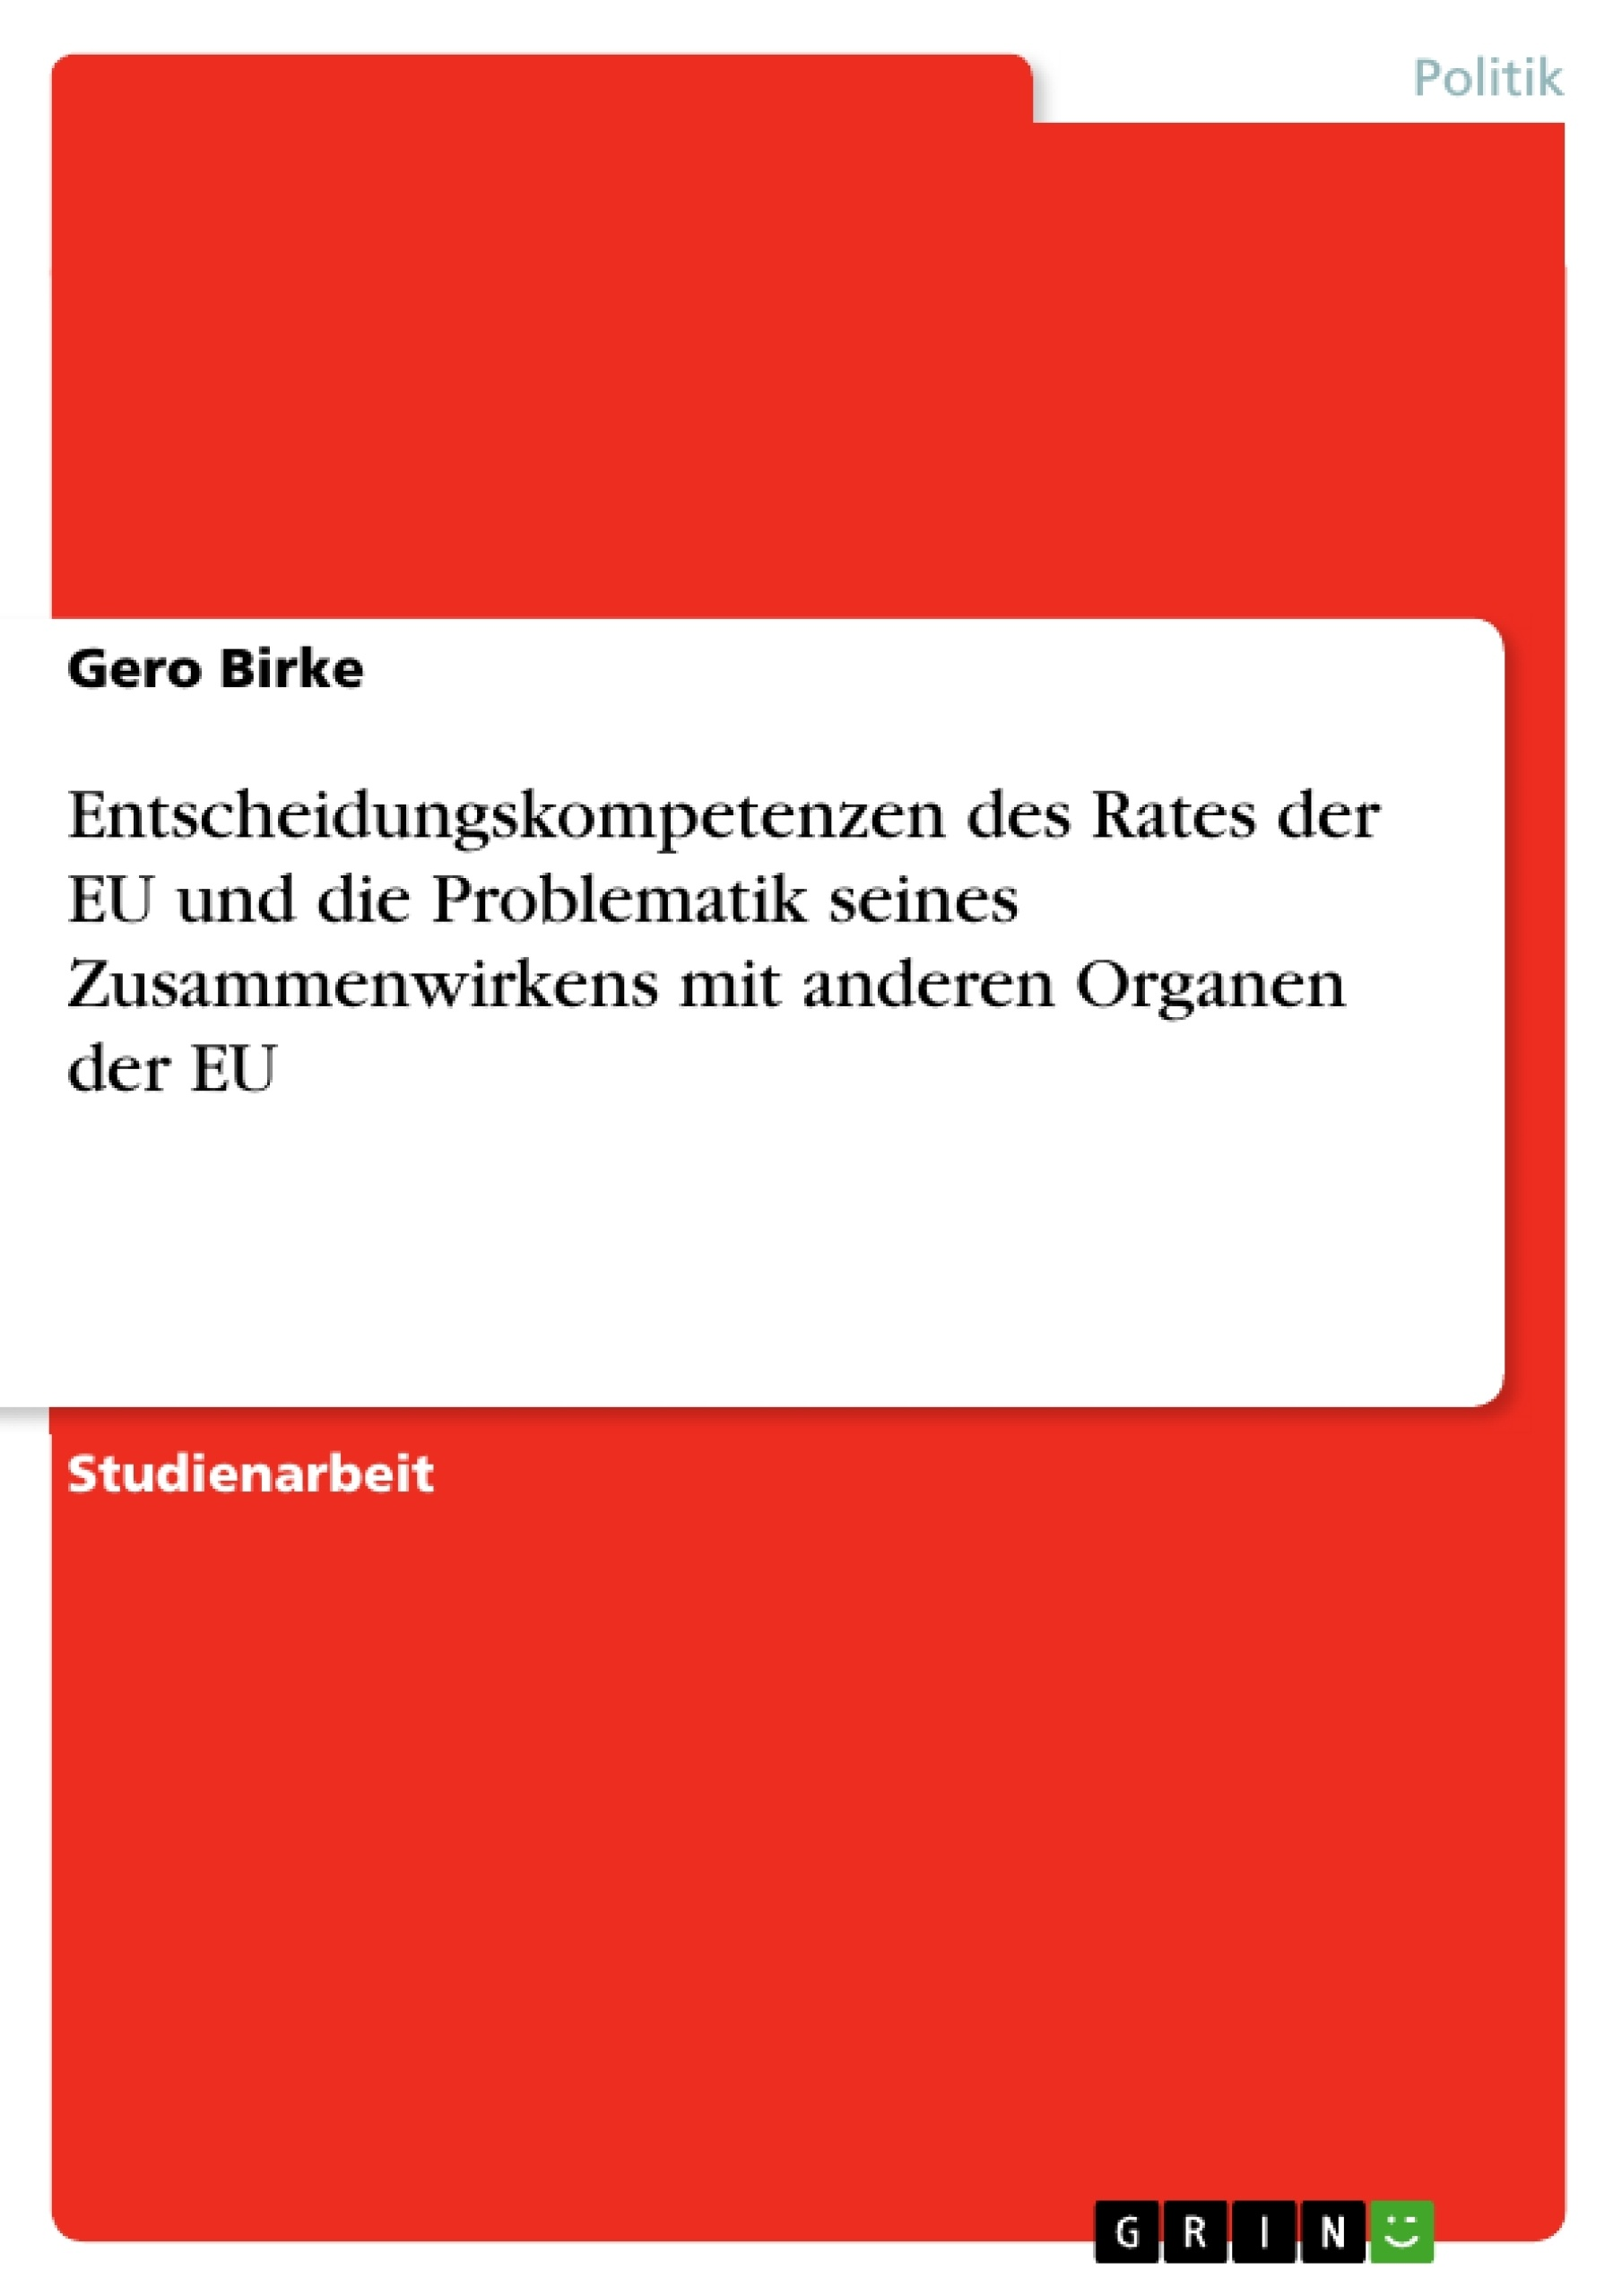 Titel: Entscheidungskompetenzen des Rates der EU und die Problematik seines Zusammenwirkens mit anderen Organen der EU